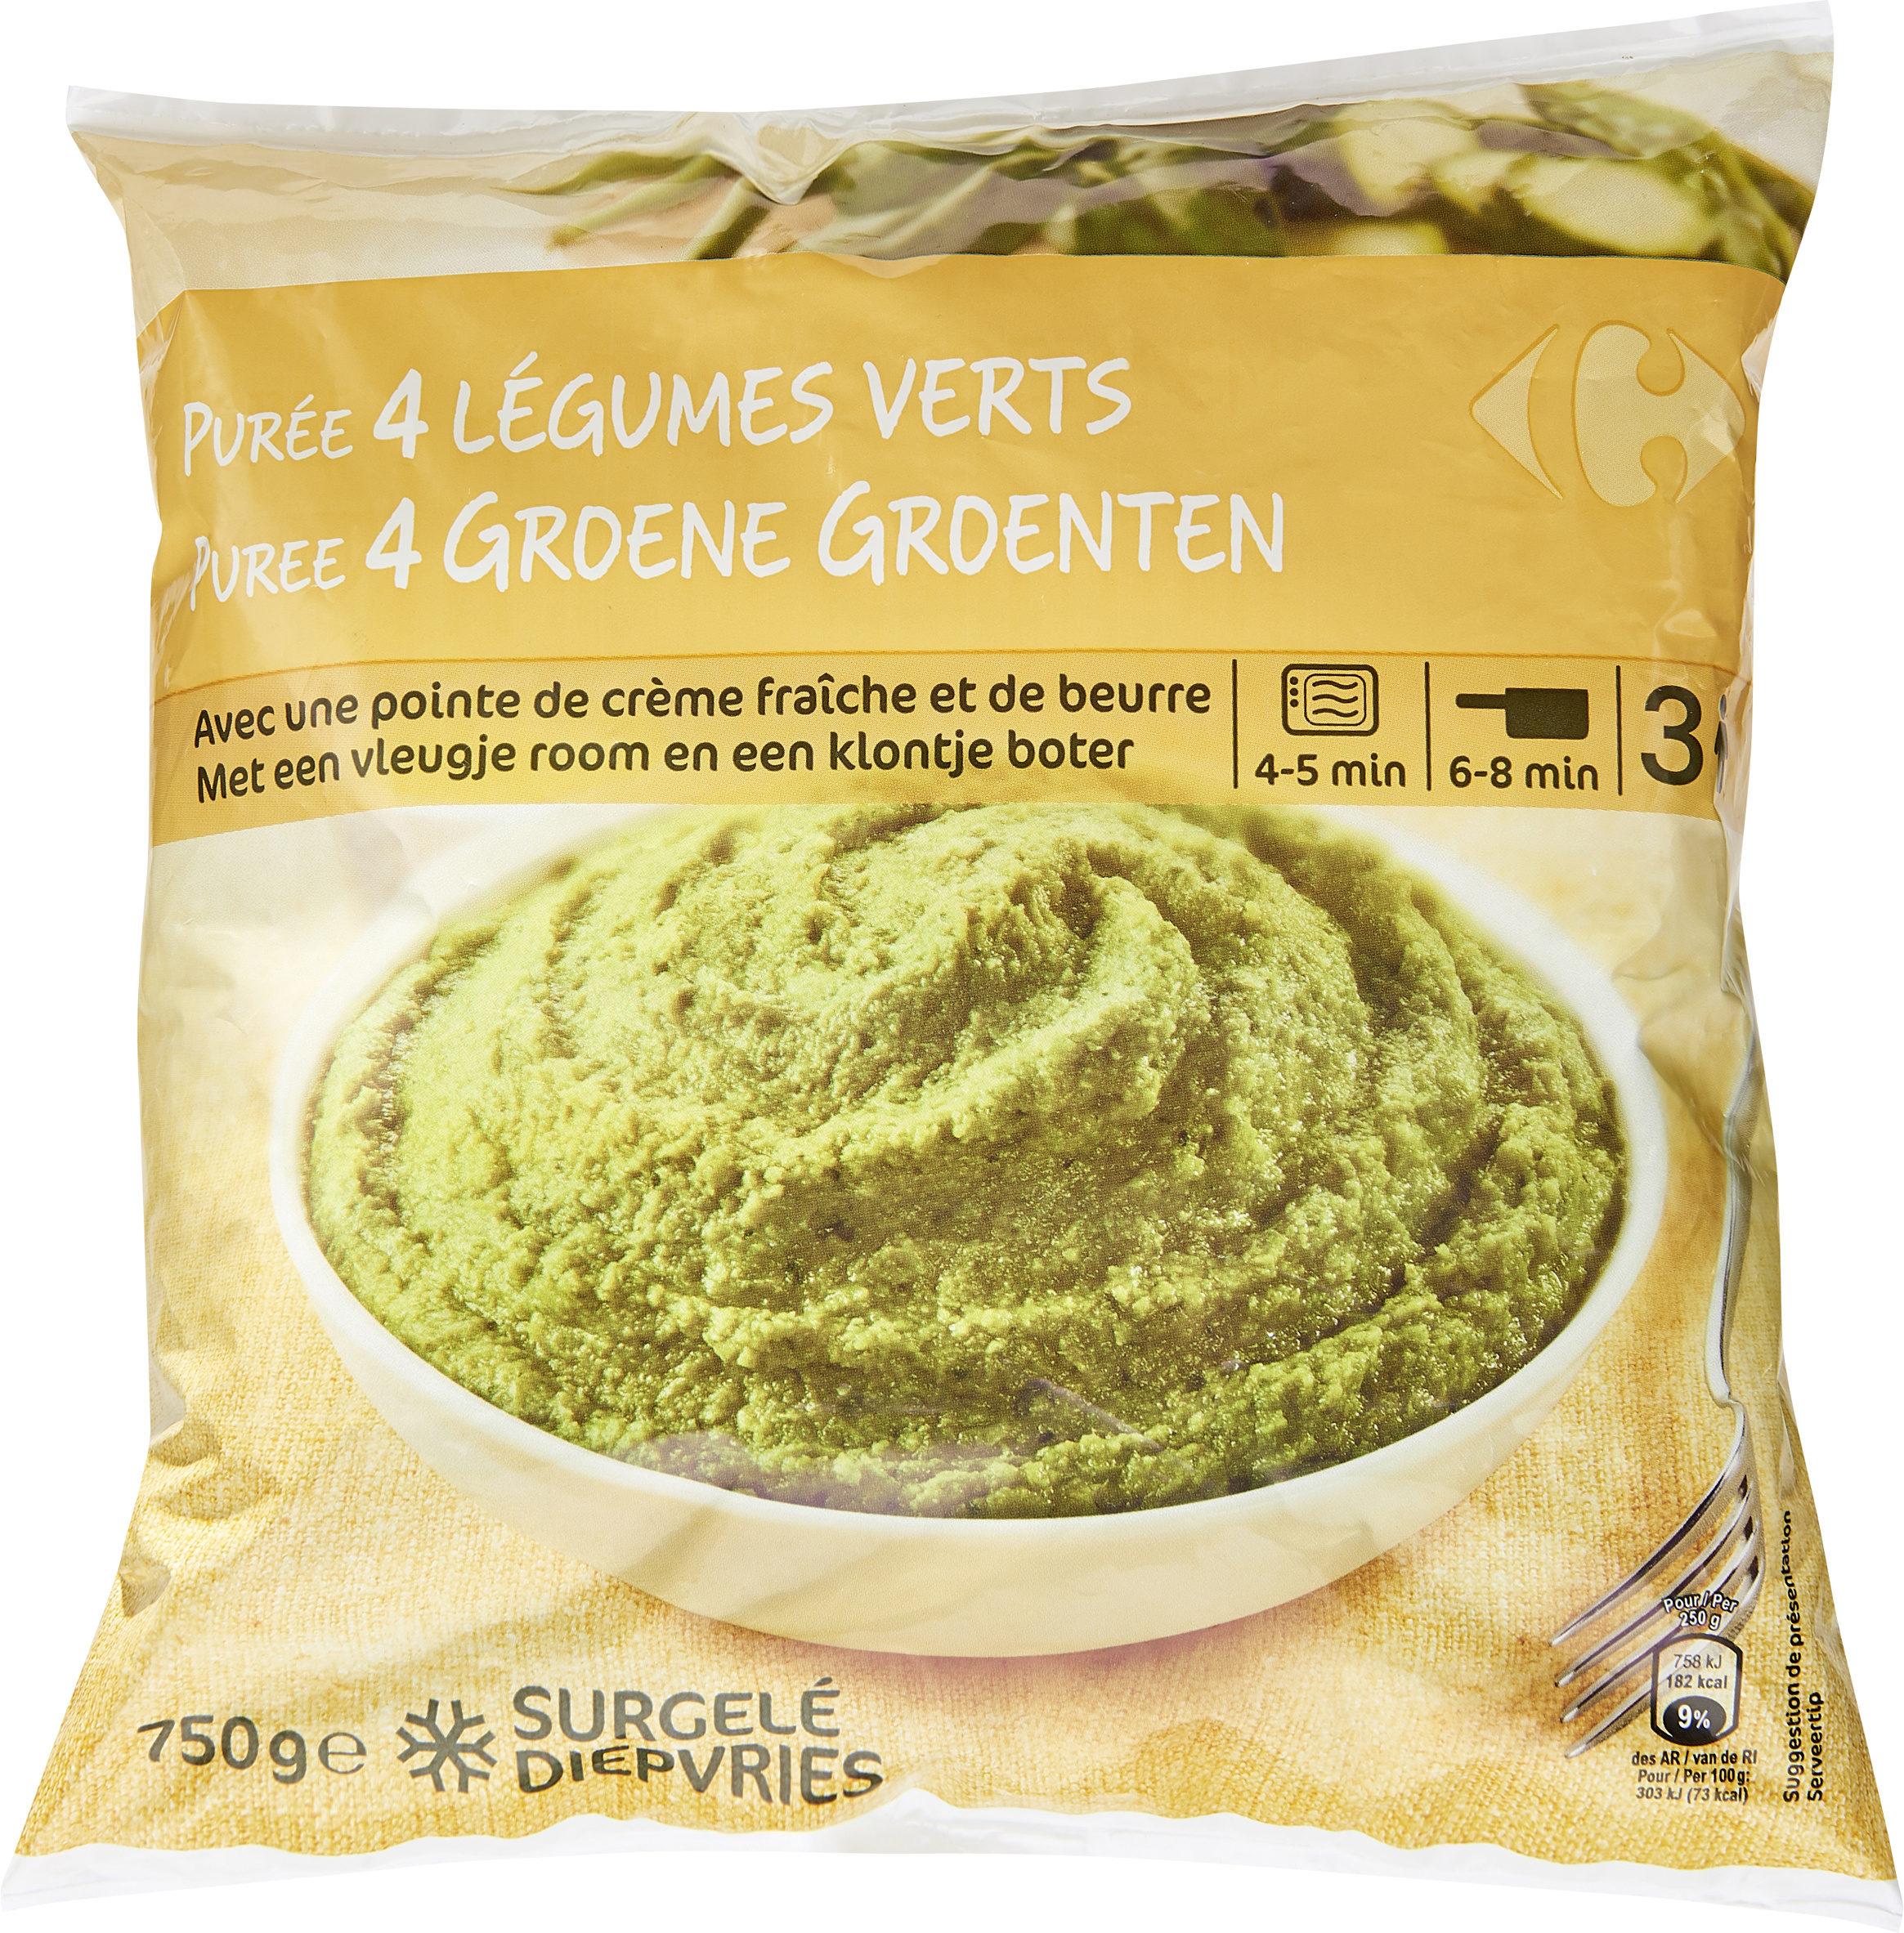 Purée 4 légumes verts - Product - fr